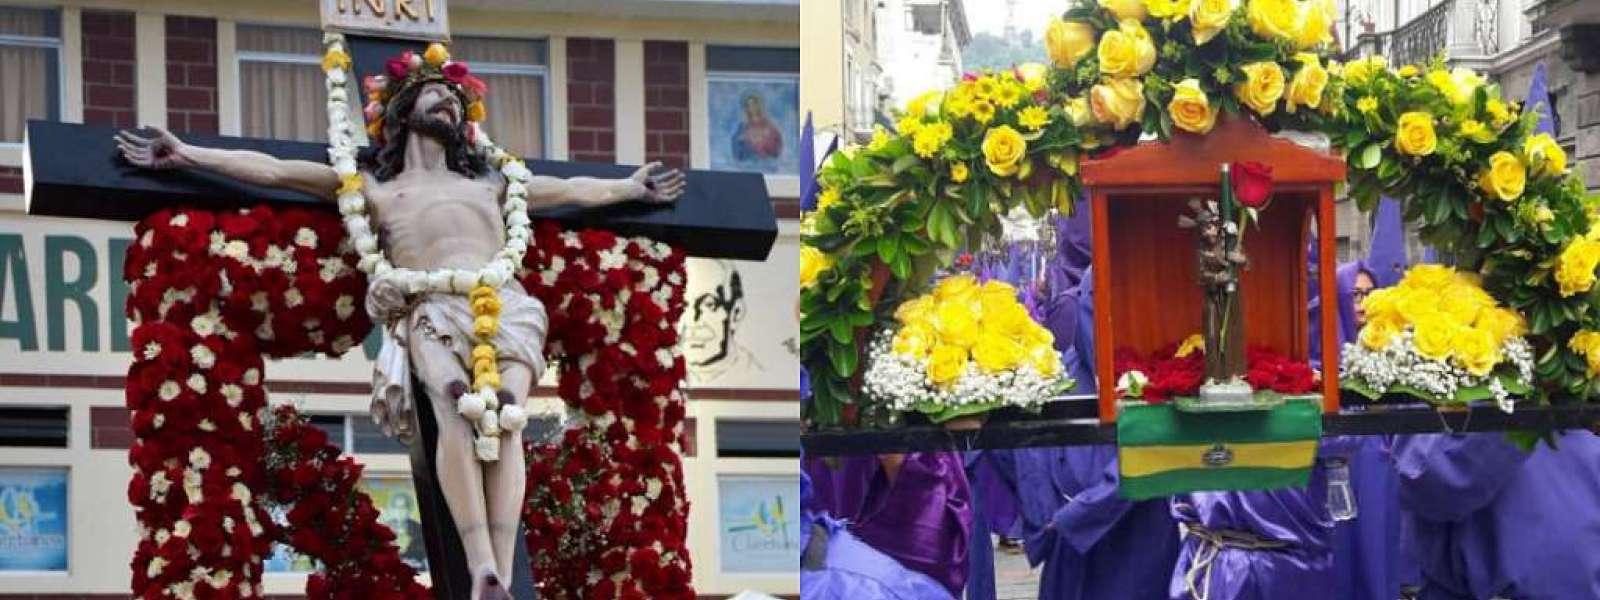 ECUADOR.- La fe se consolidó en caminatas del Cristo del Consuelo y de Jesús del Gran Poder. Collage: Ecuavisa